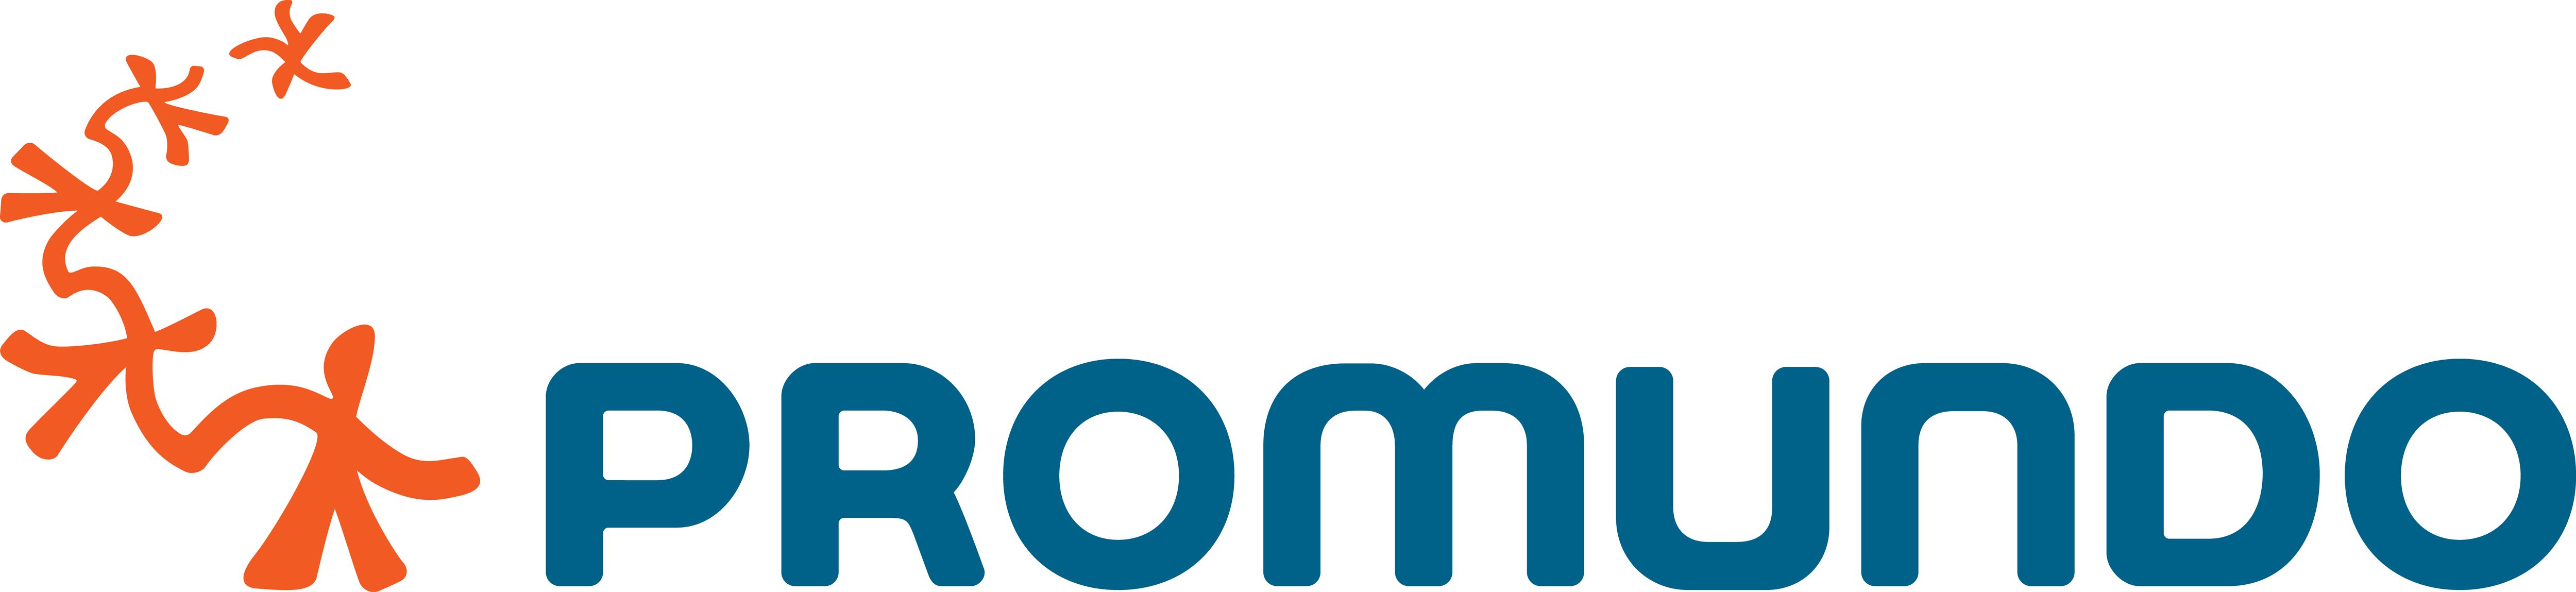 Promundo-US - logo